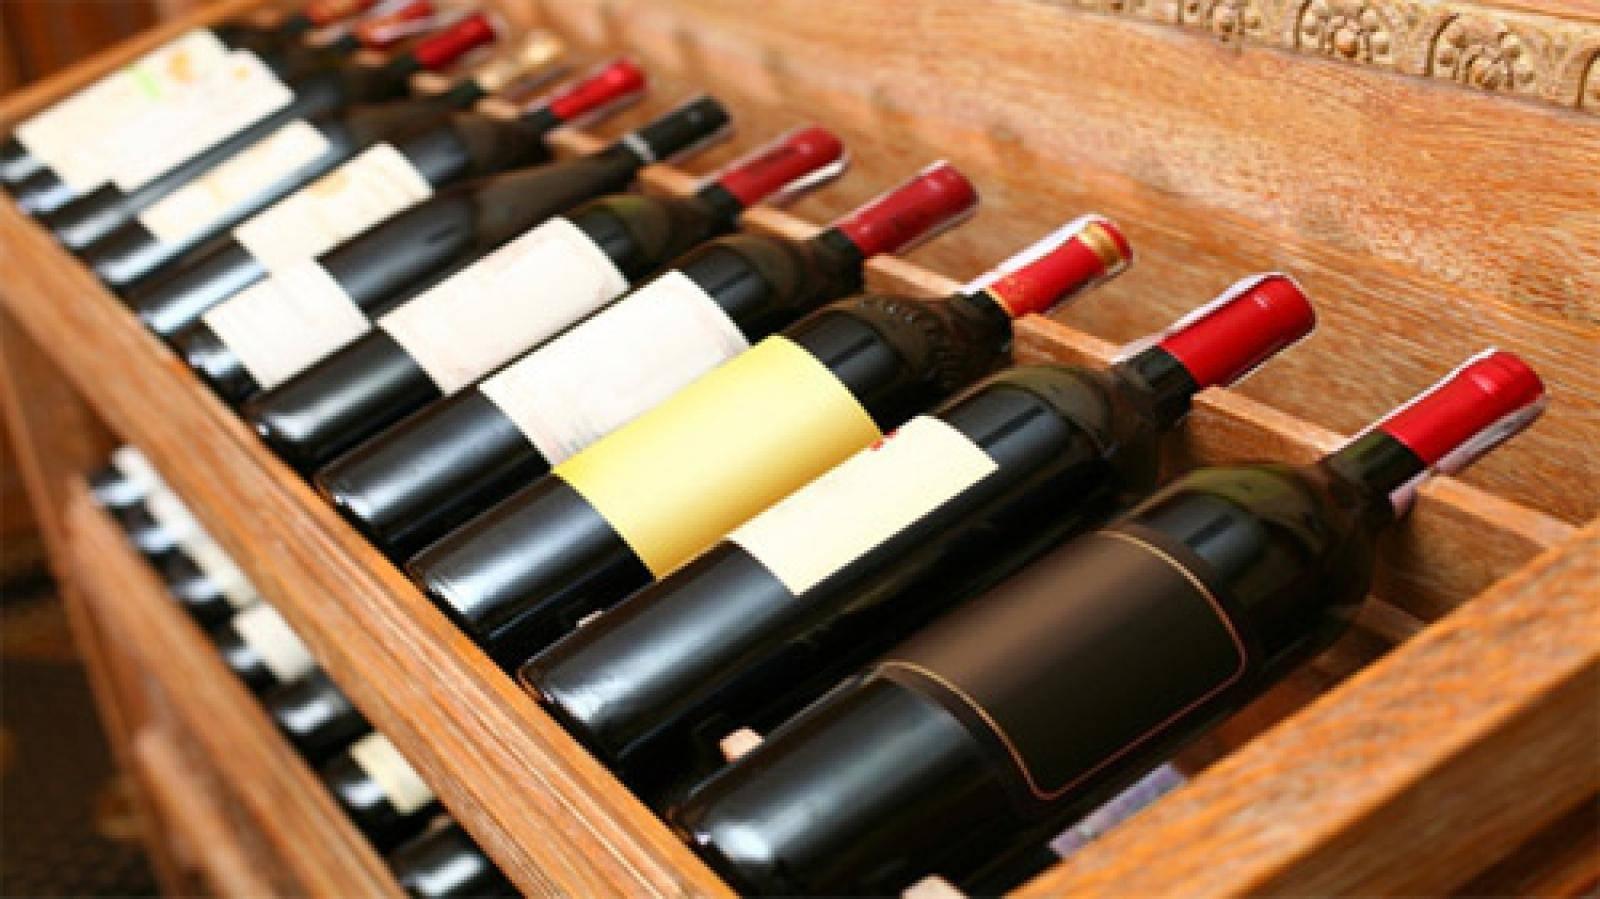 Технология приготовления виноградных вин, краткое изложение, 10 страниц артикул: 2462